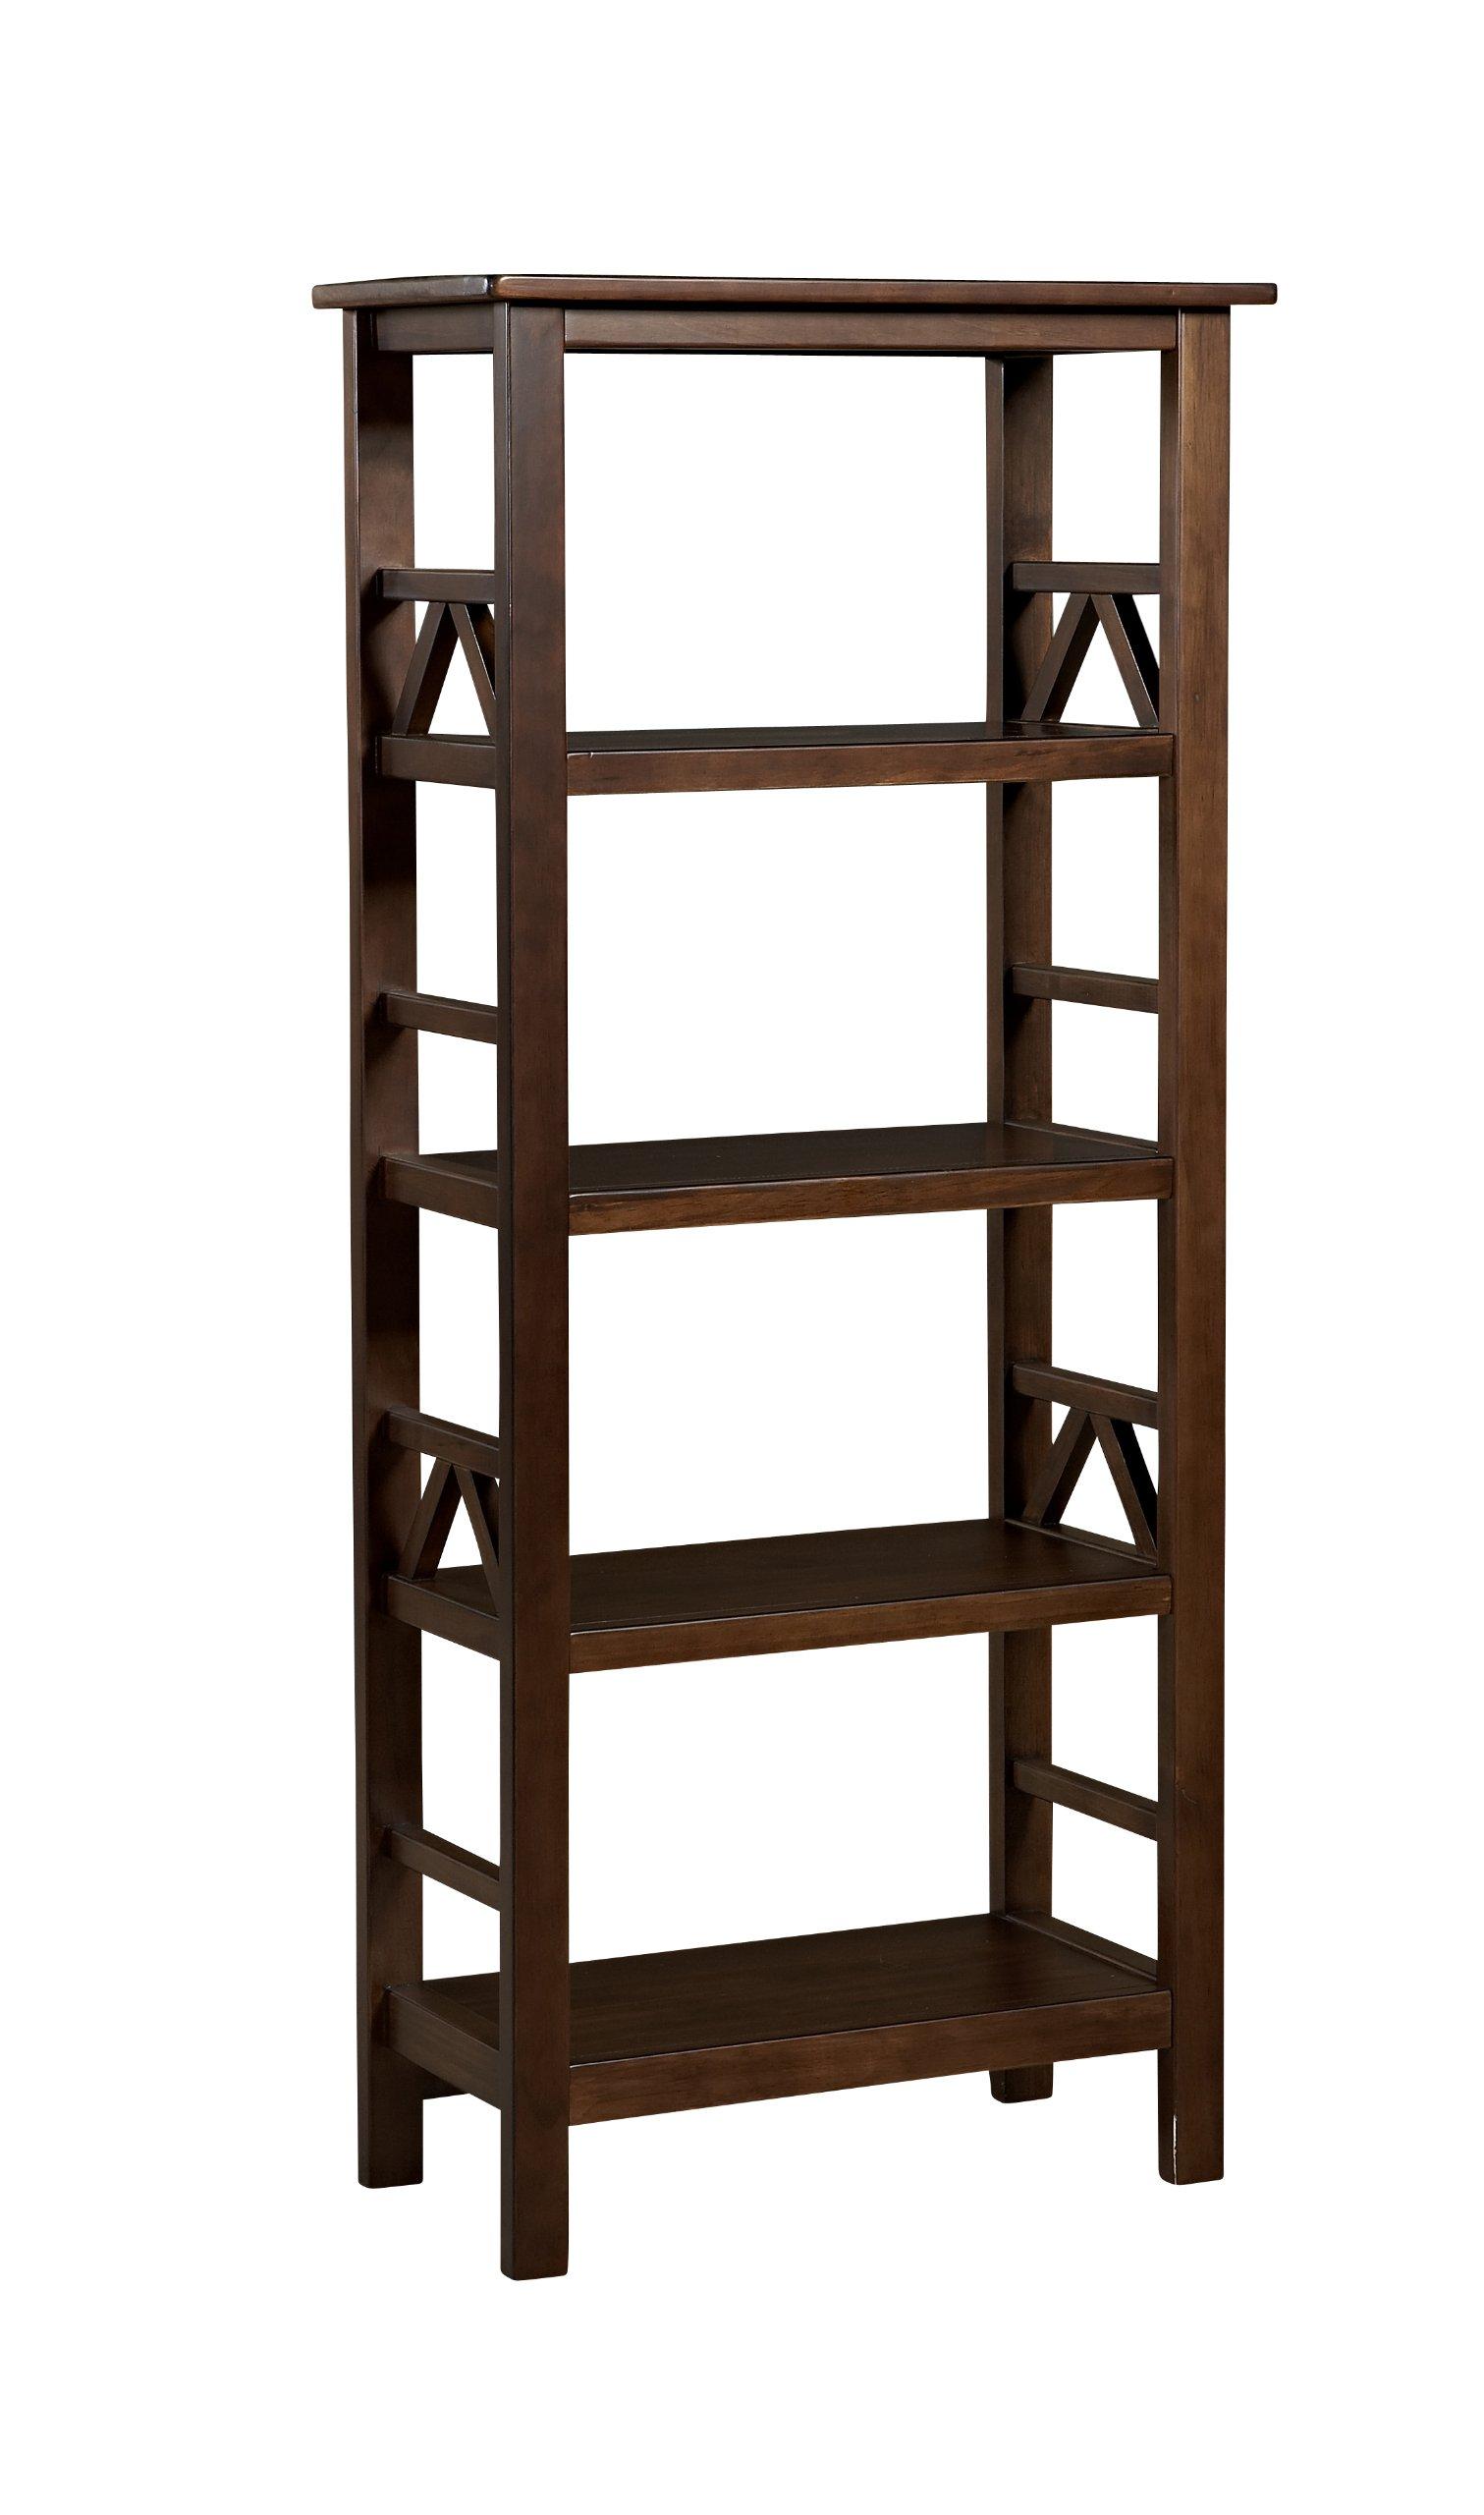 Linon Home Decor Titian Bookcase